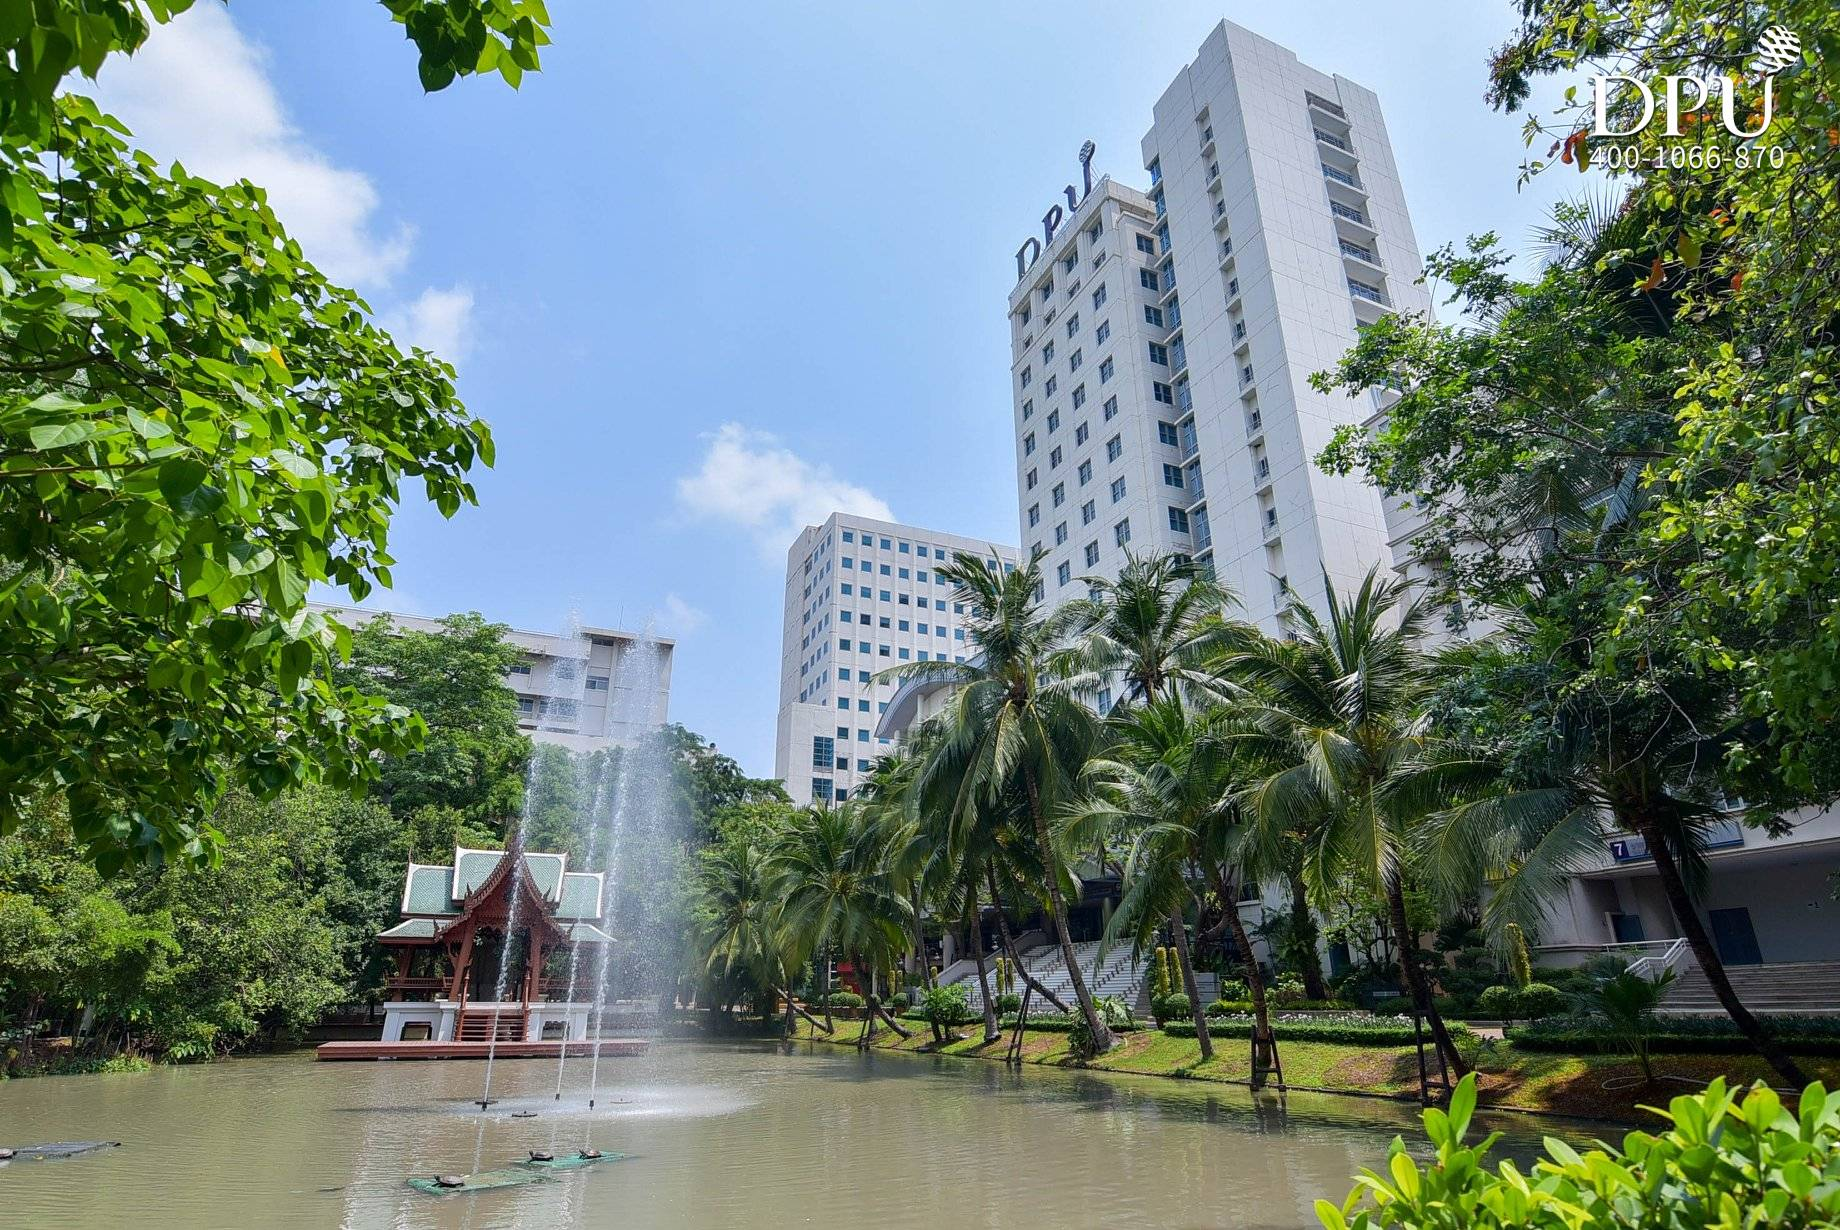 泰国博仁大学绿色校园